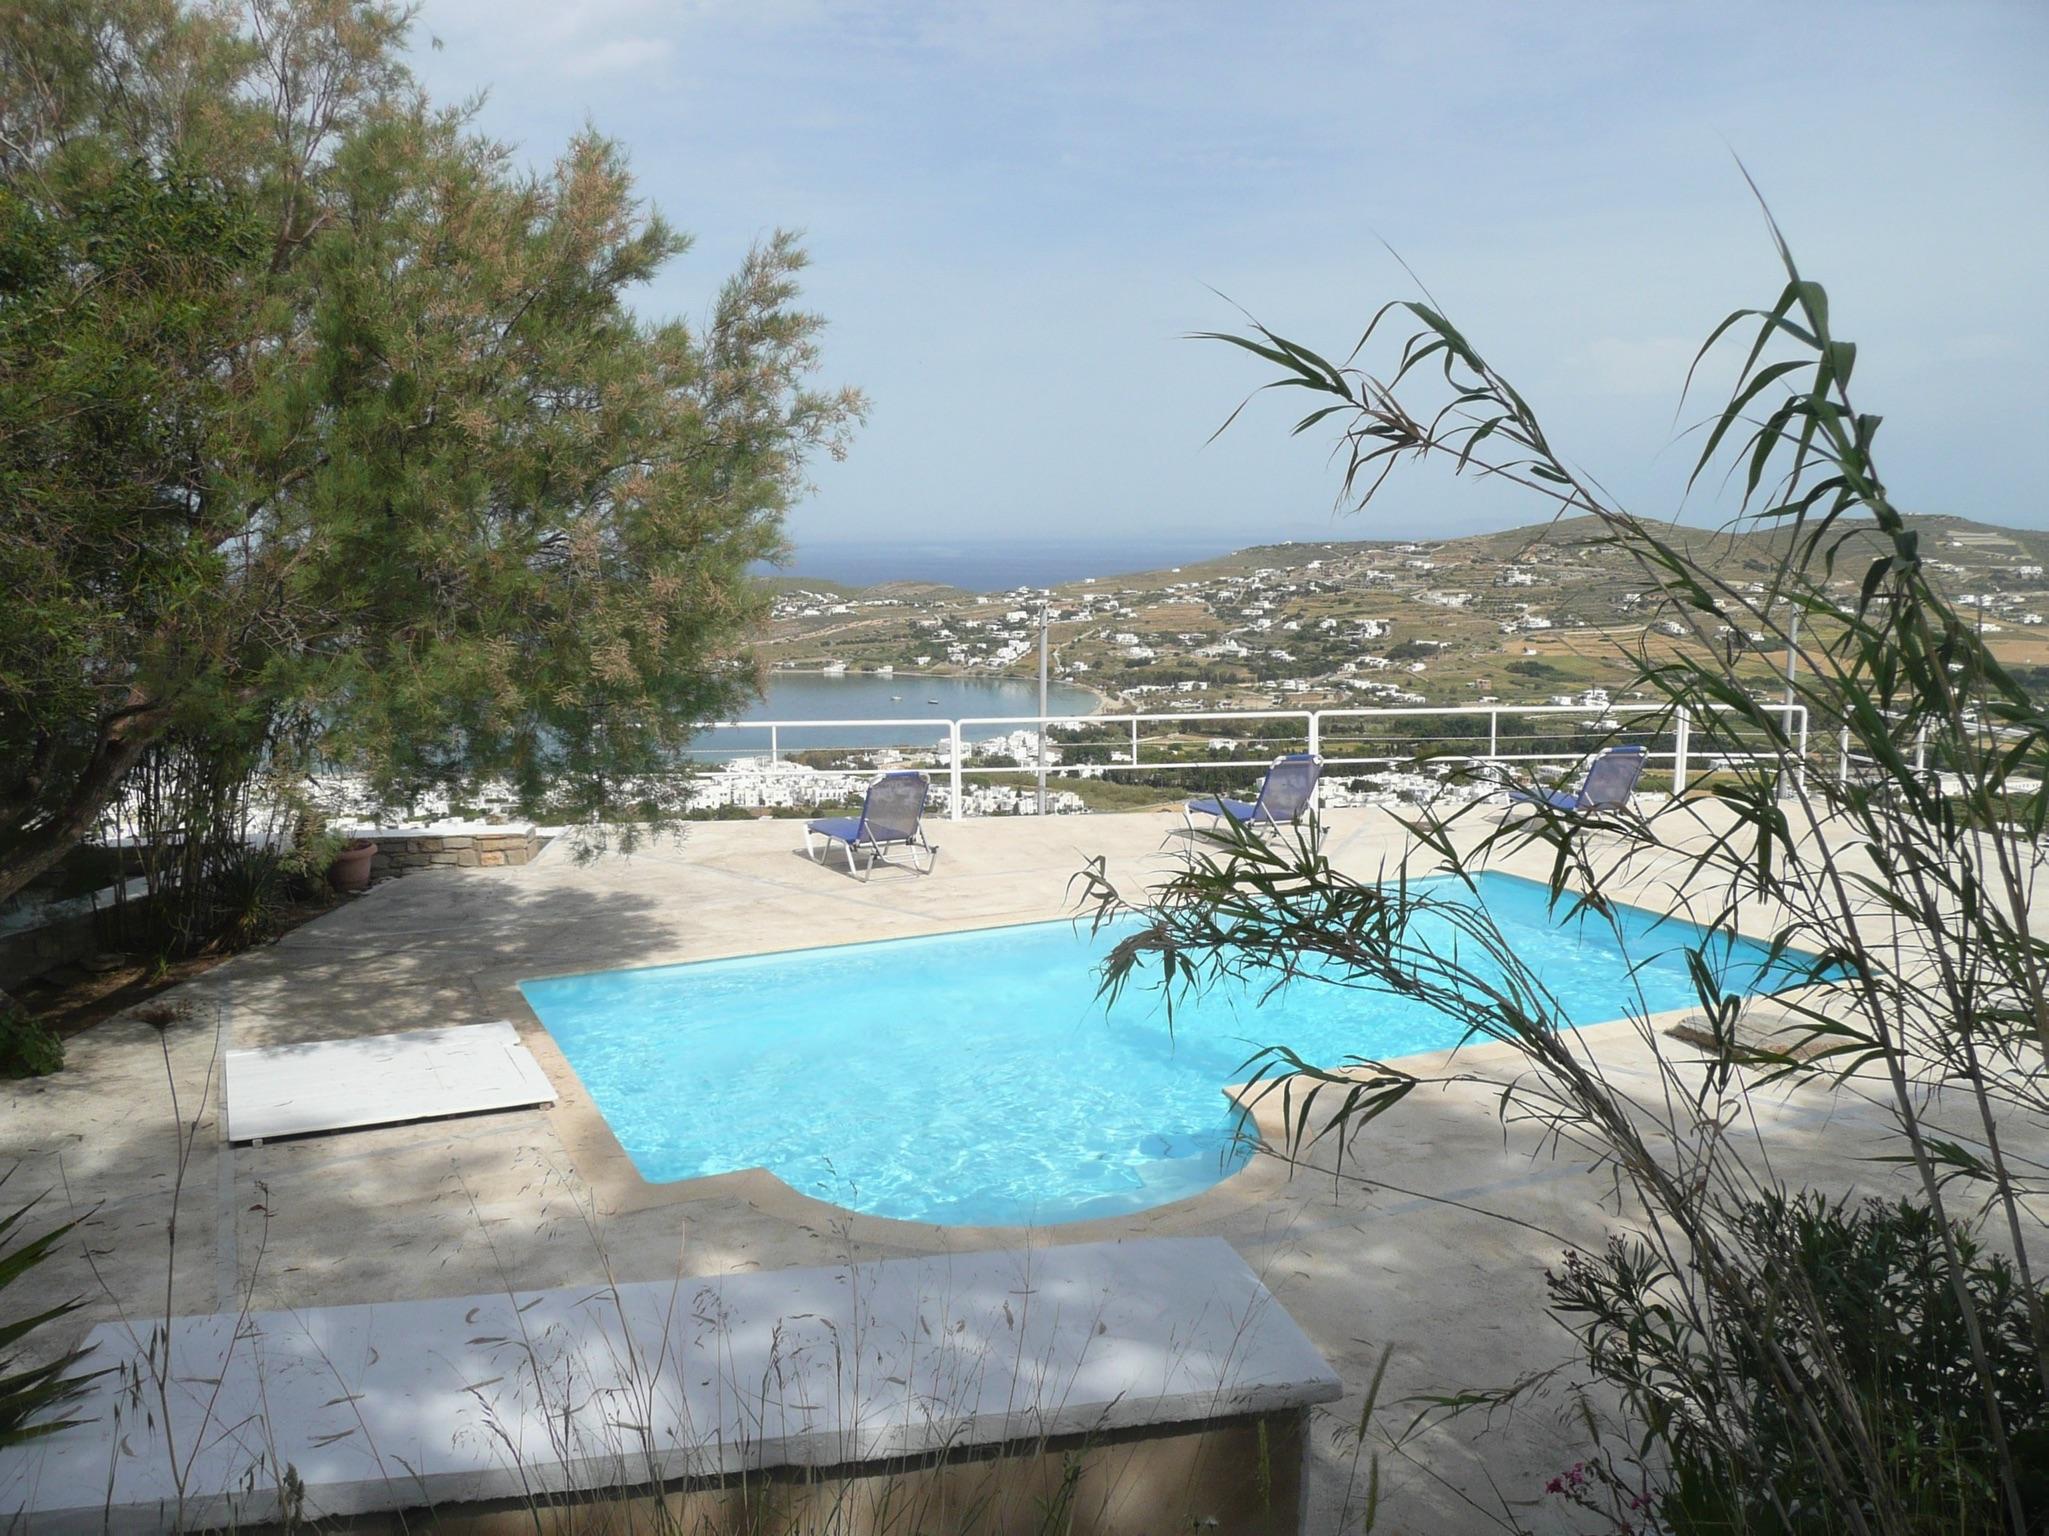 Ferienhaus Villa im Kykladen-Stil auf Paros (Griechenland), mit 2 Schlafzimmern, Gemeinschaftspool &  (2201782), Paros, Paros, Kykladen, Griechenland, Bild 2